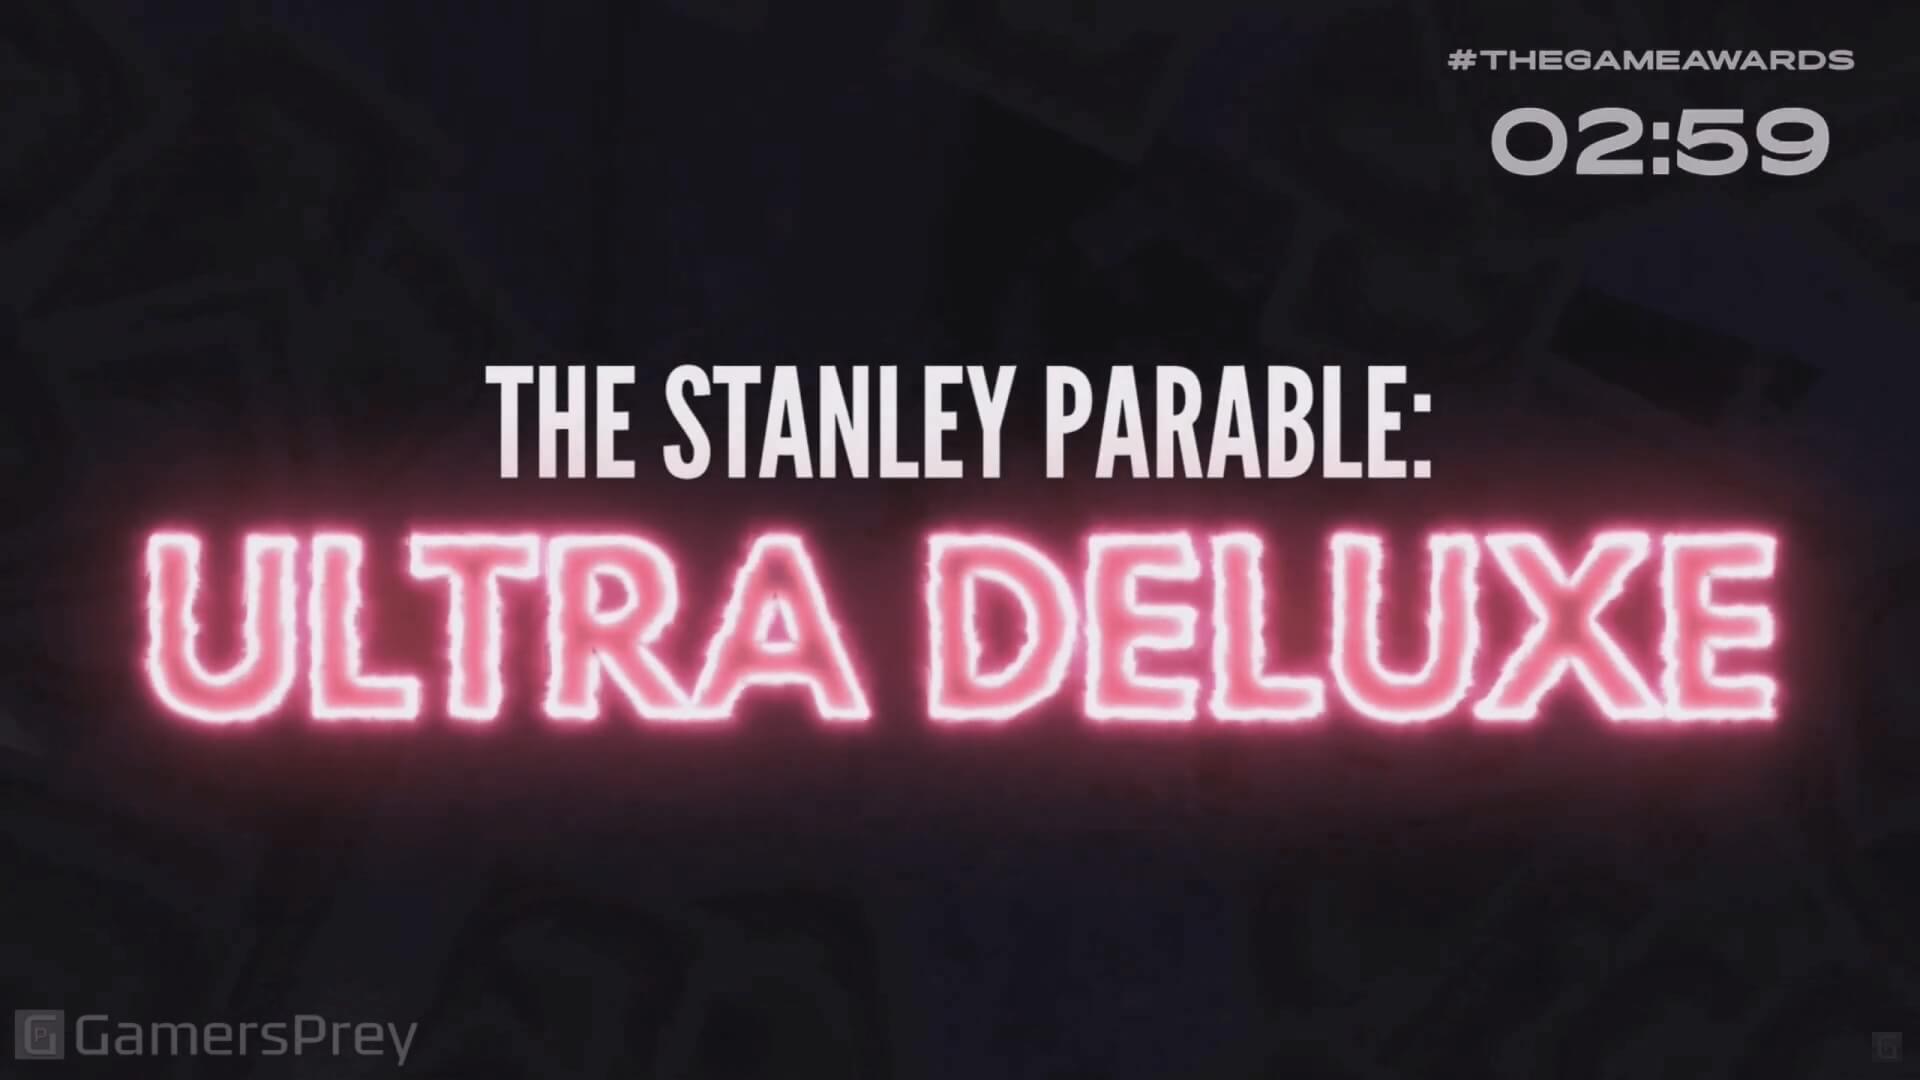 DLC Los Demonios de Just Cause 4, foi anunciado